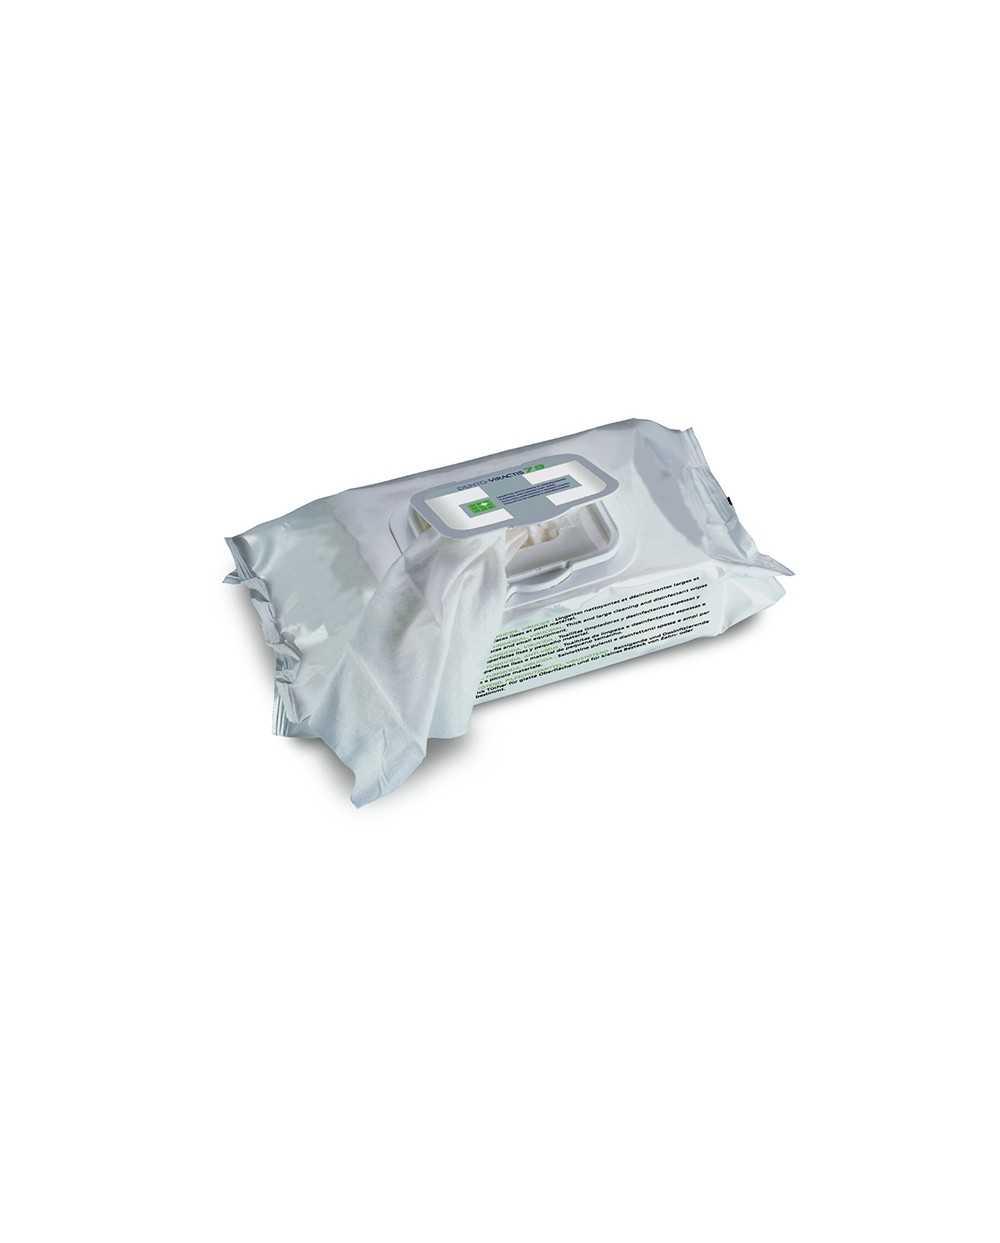 LINGETTES DENTO-VIRACTIS 79 (100 pcs)